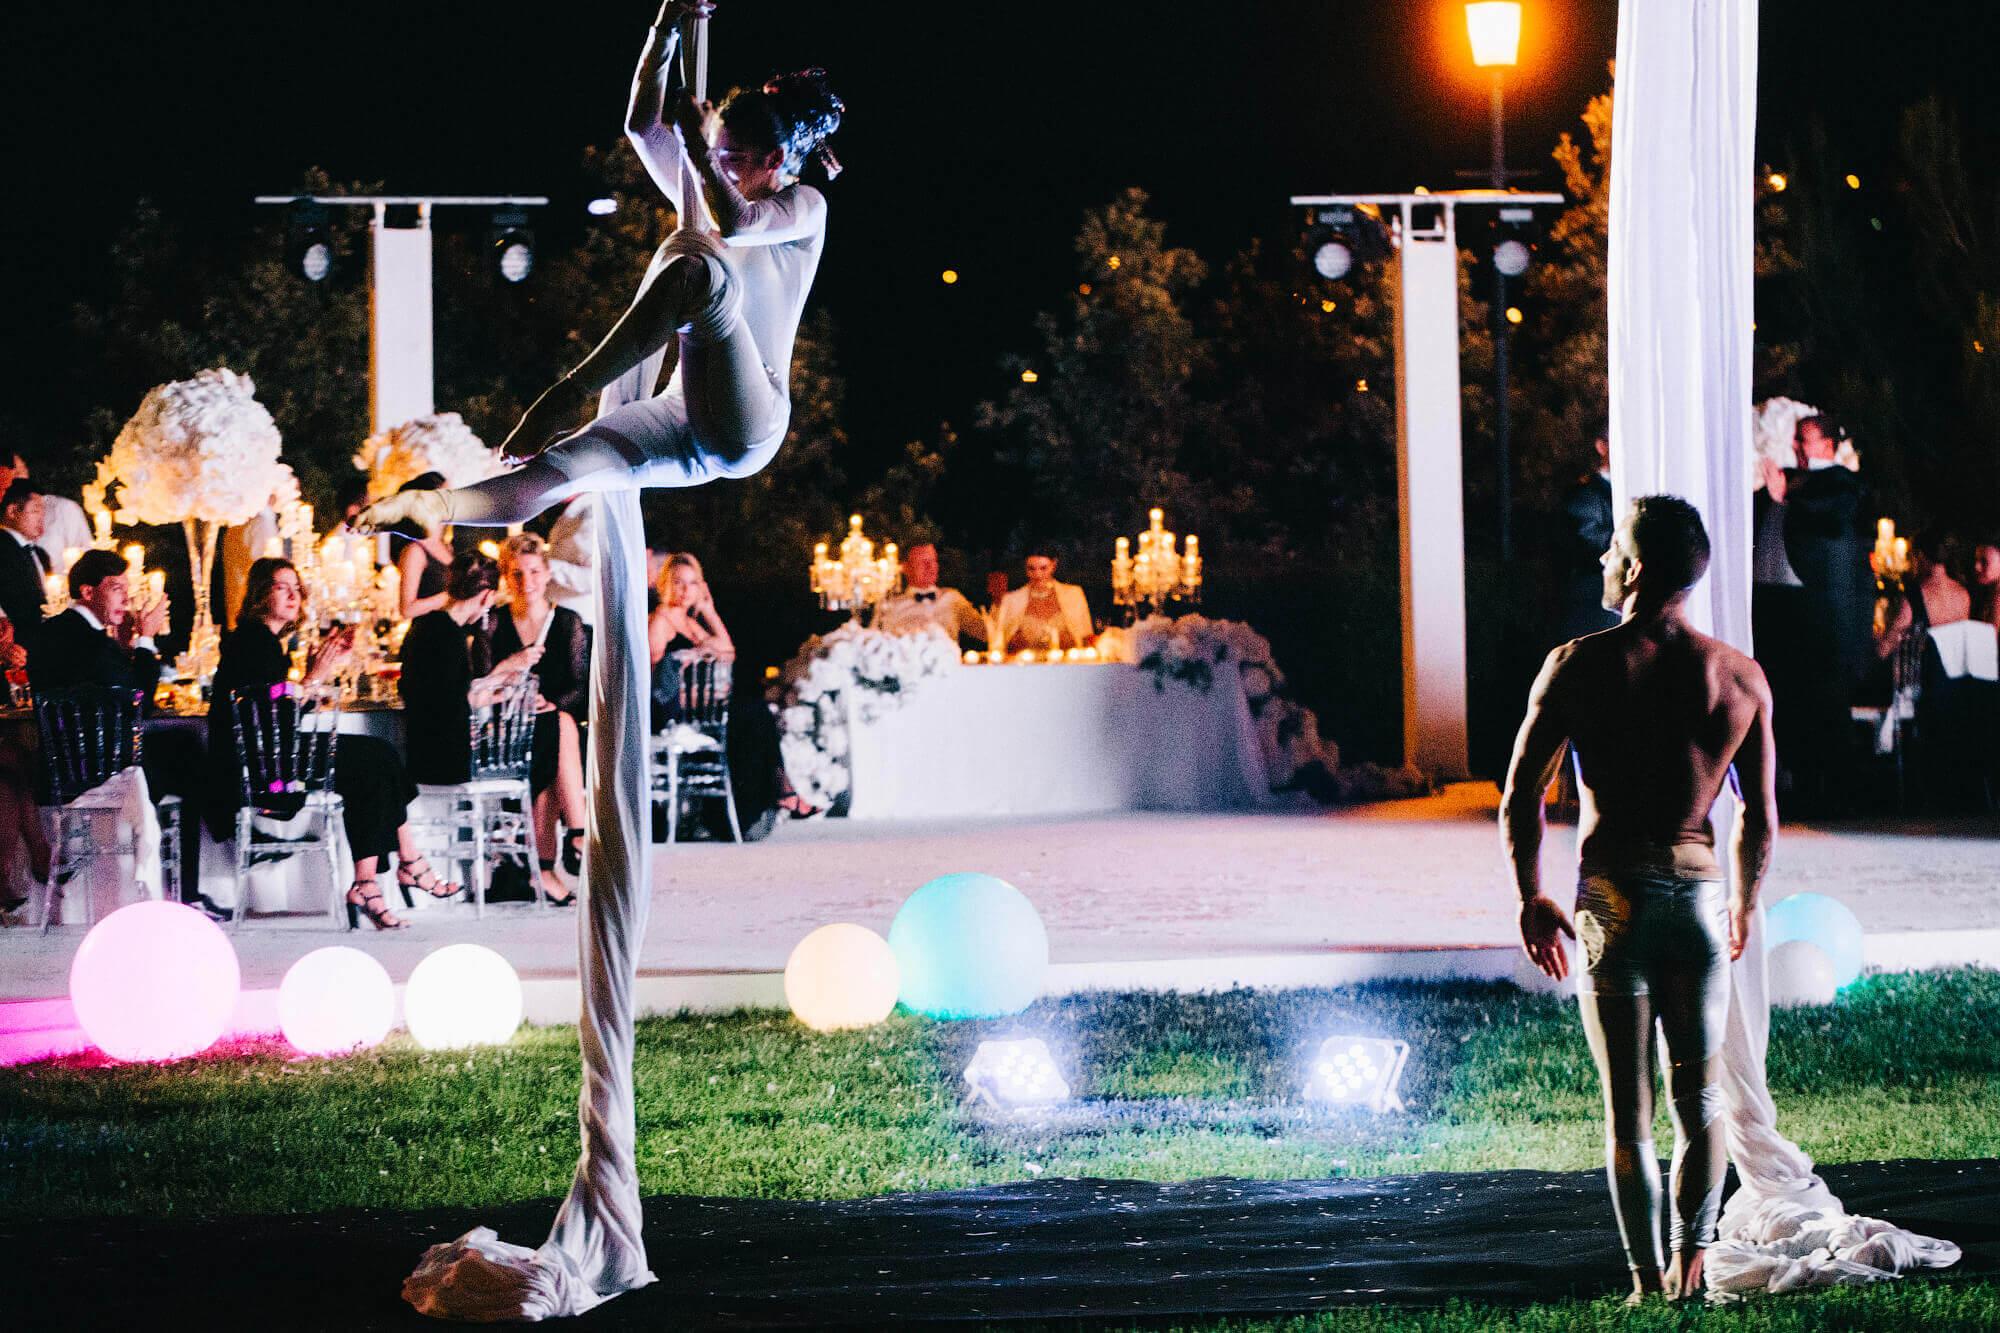 Шоу воздушных гимнастов на свадьбе во Франции